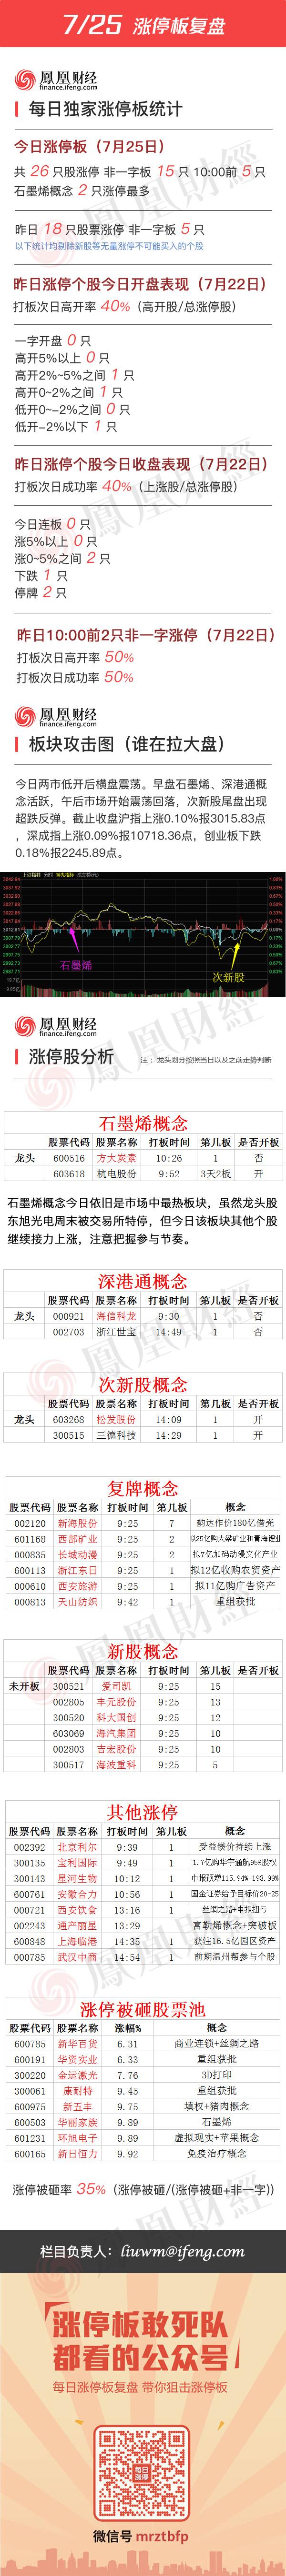 2016年7月25日涨停板复盘 - 小美 - xing1969wuw的博客